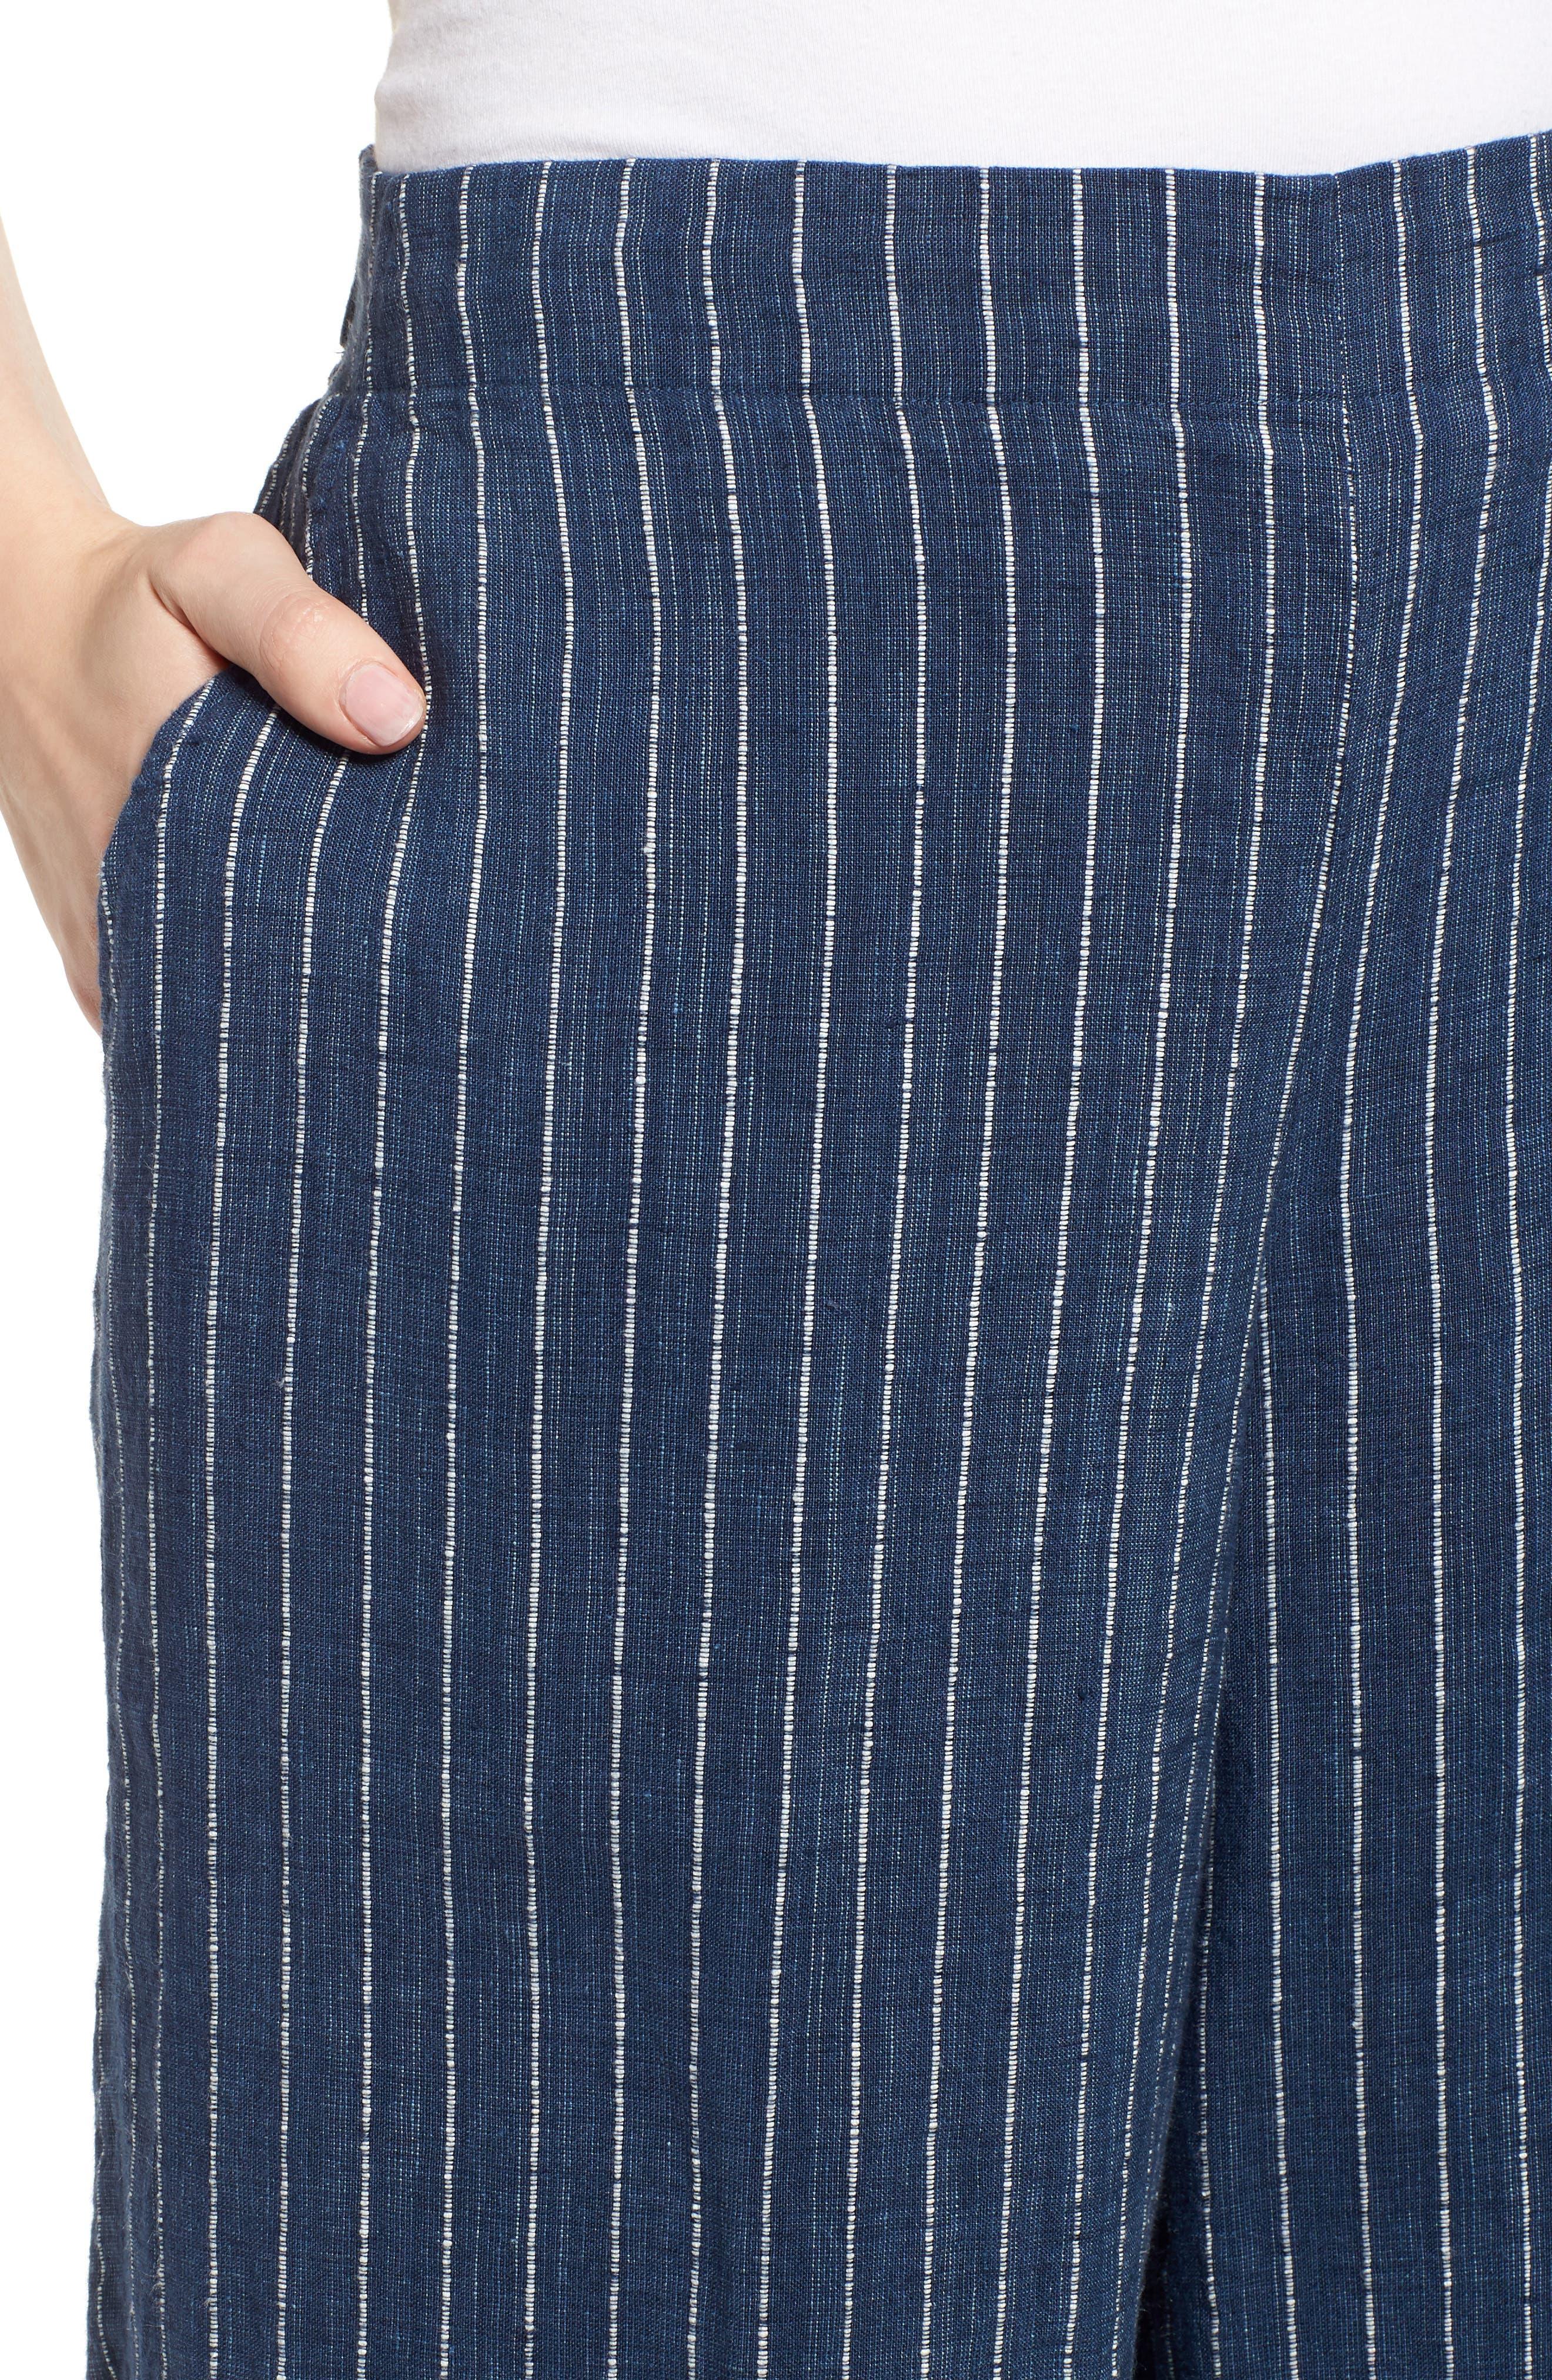 Stripe Linen Crop Pants,                             Alternate thumbnail 4, color,                             Denim